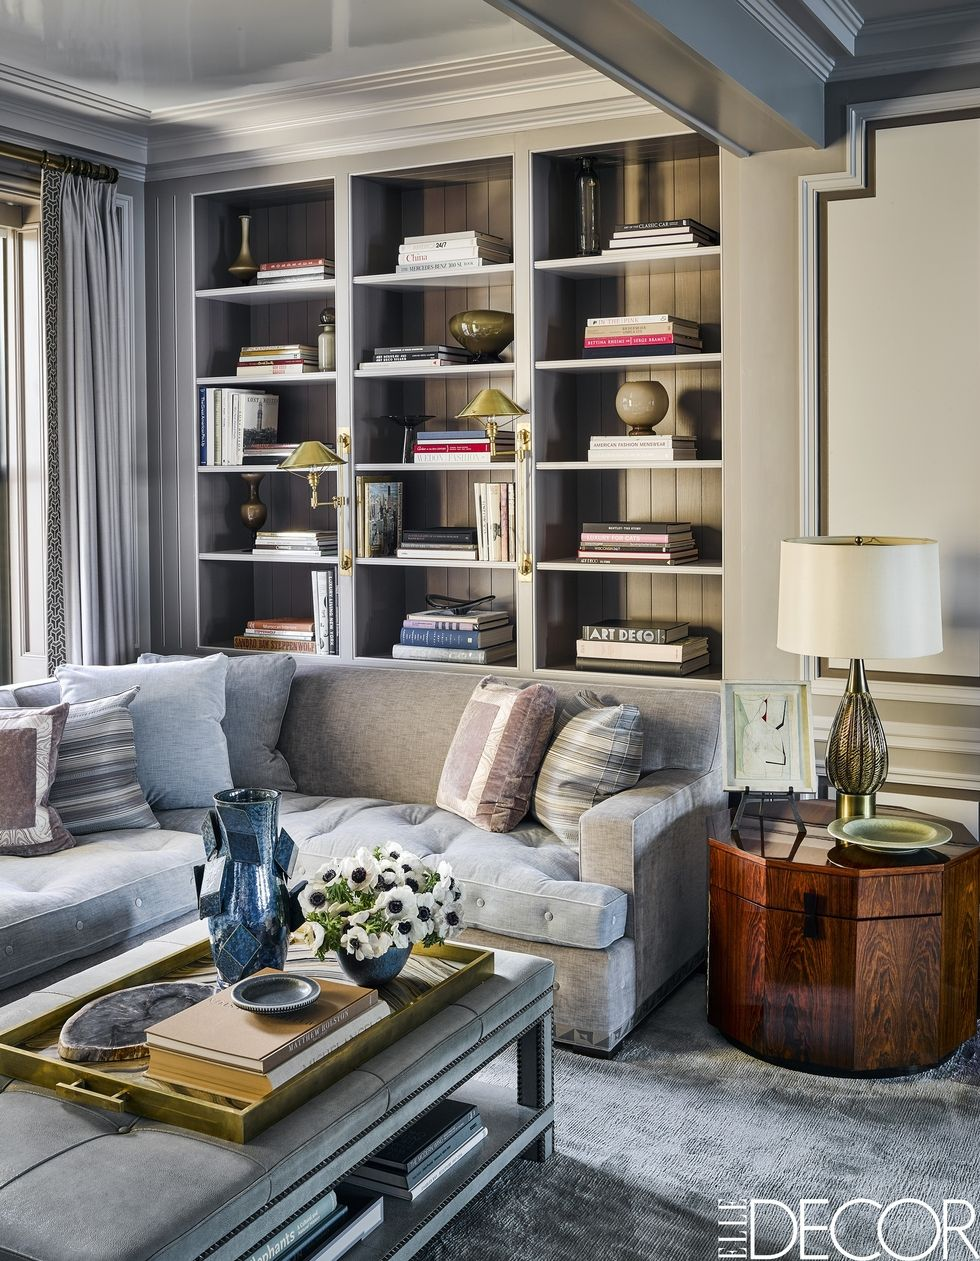 art-deco-apartment-steven-gambrel2-1510241589.jpg